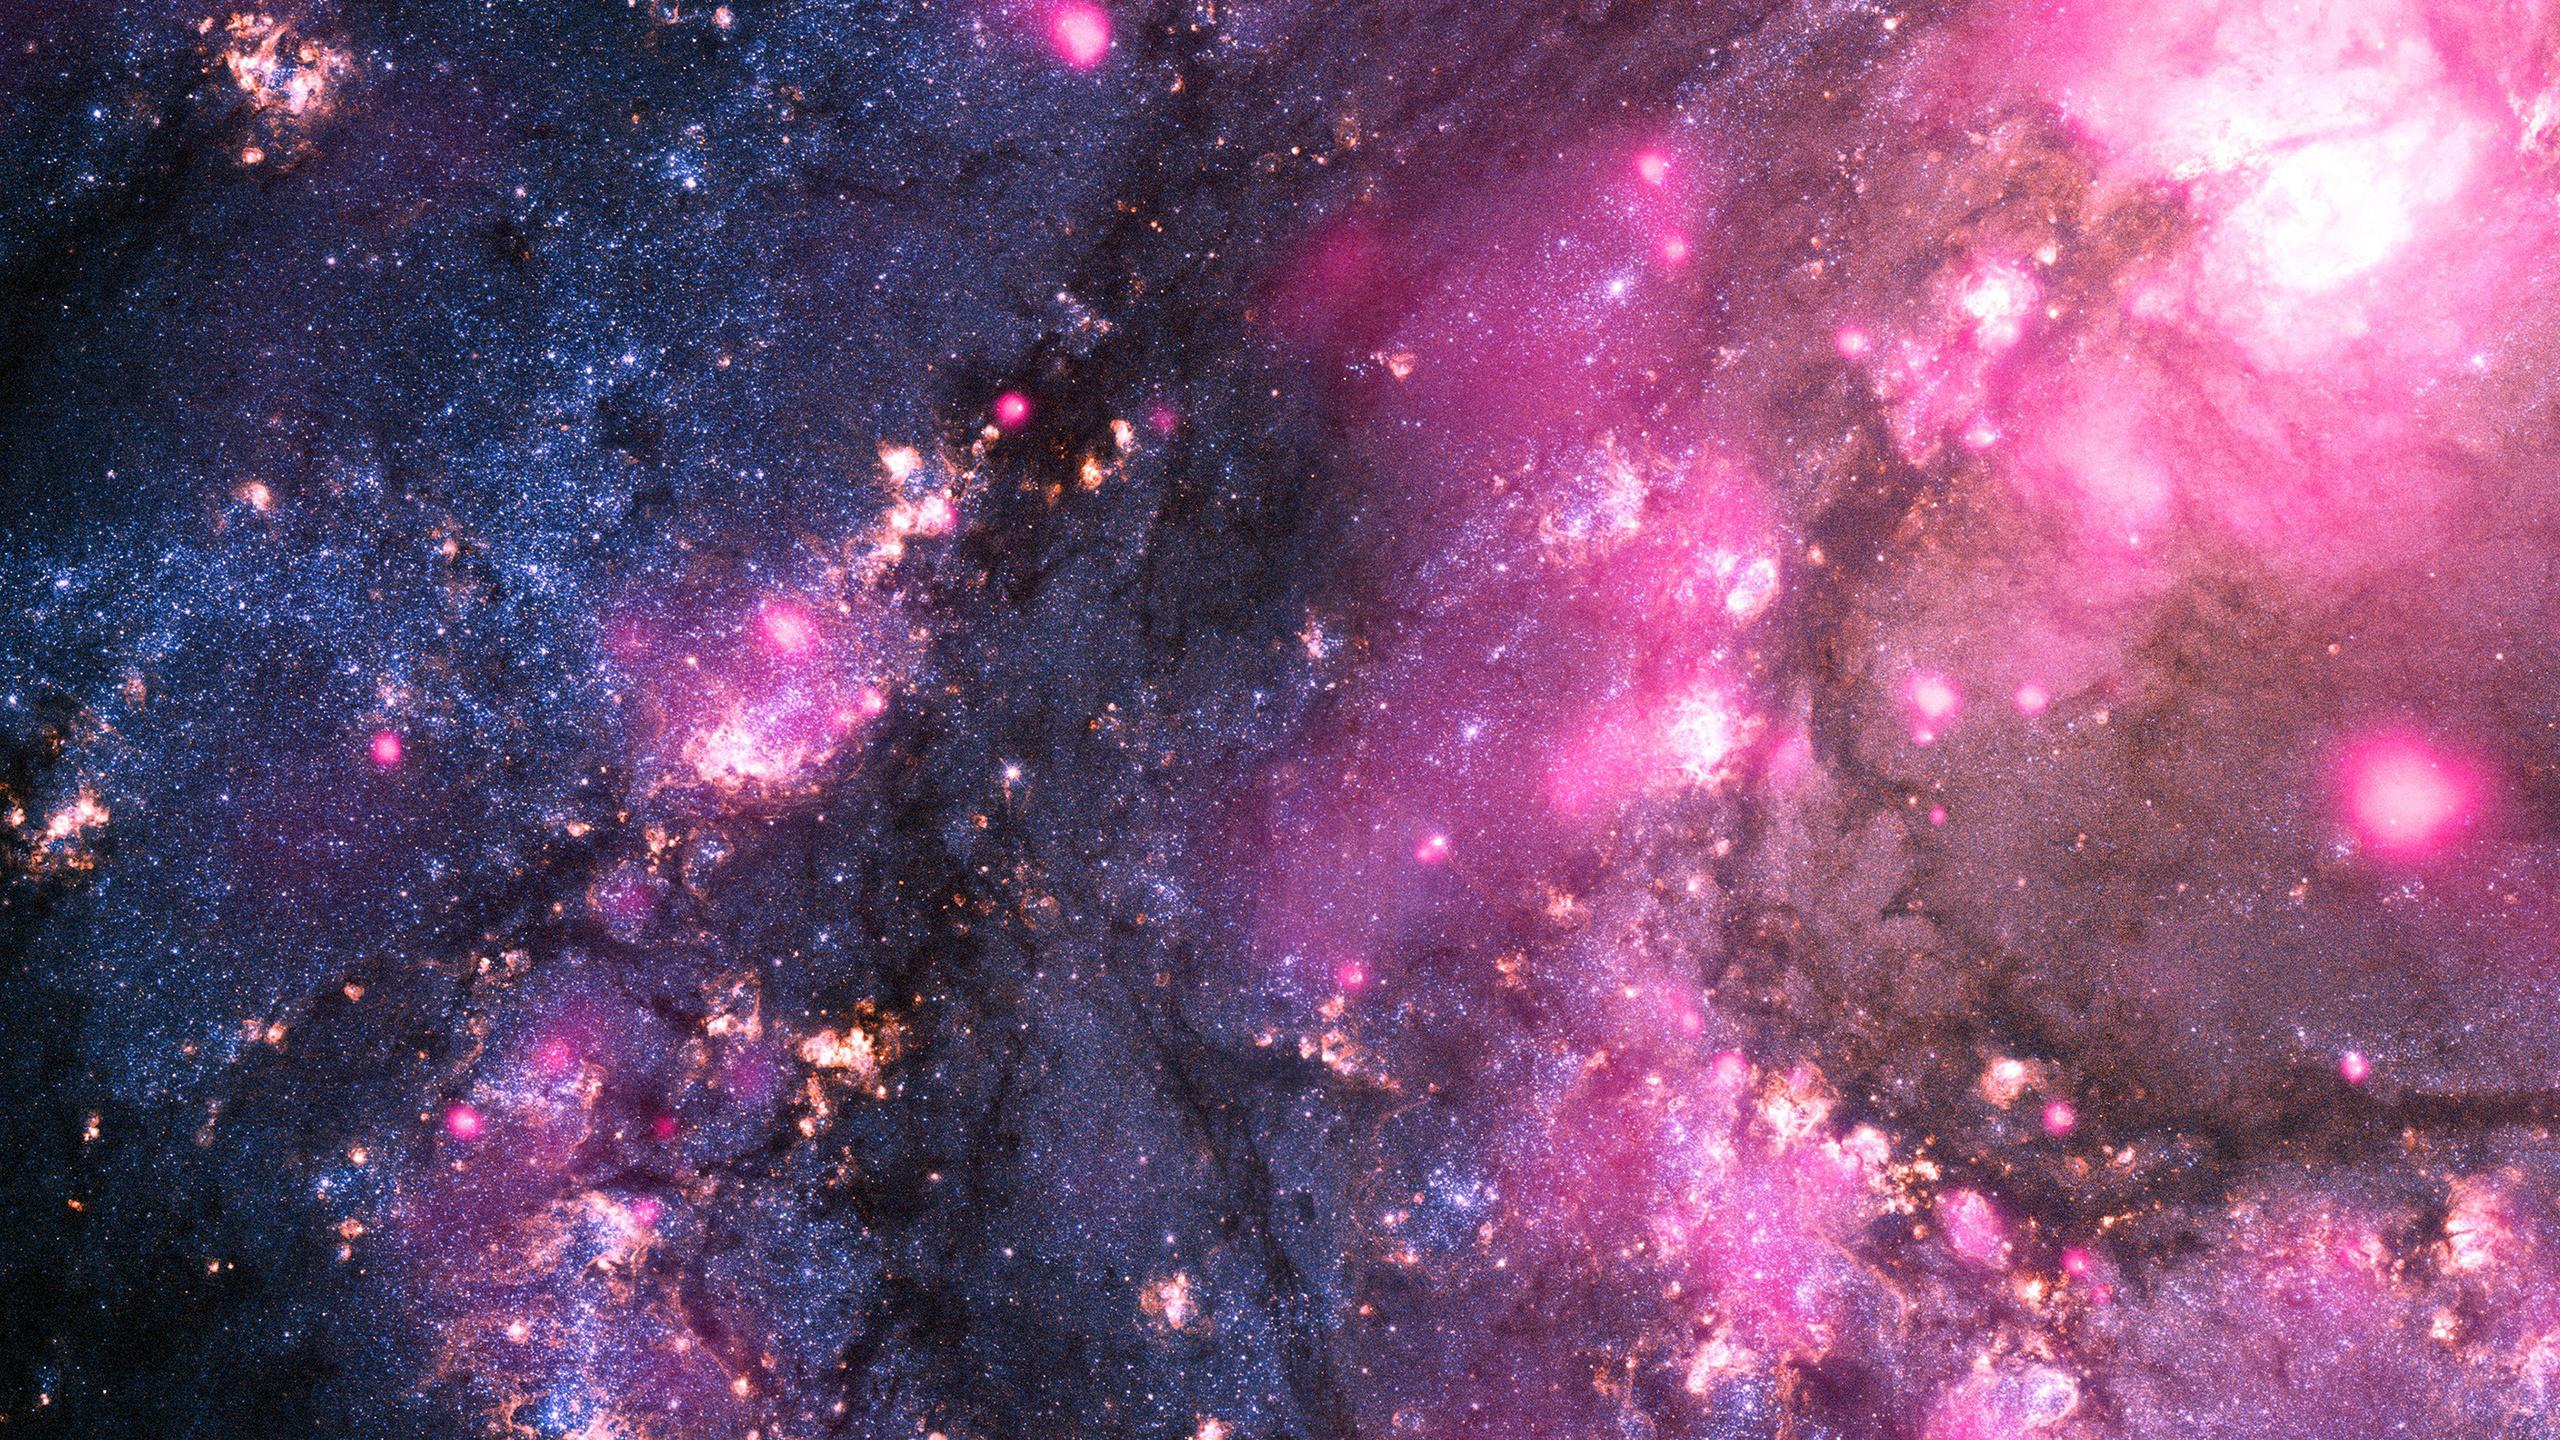 красивые большие картинки космоса